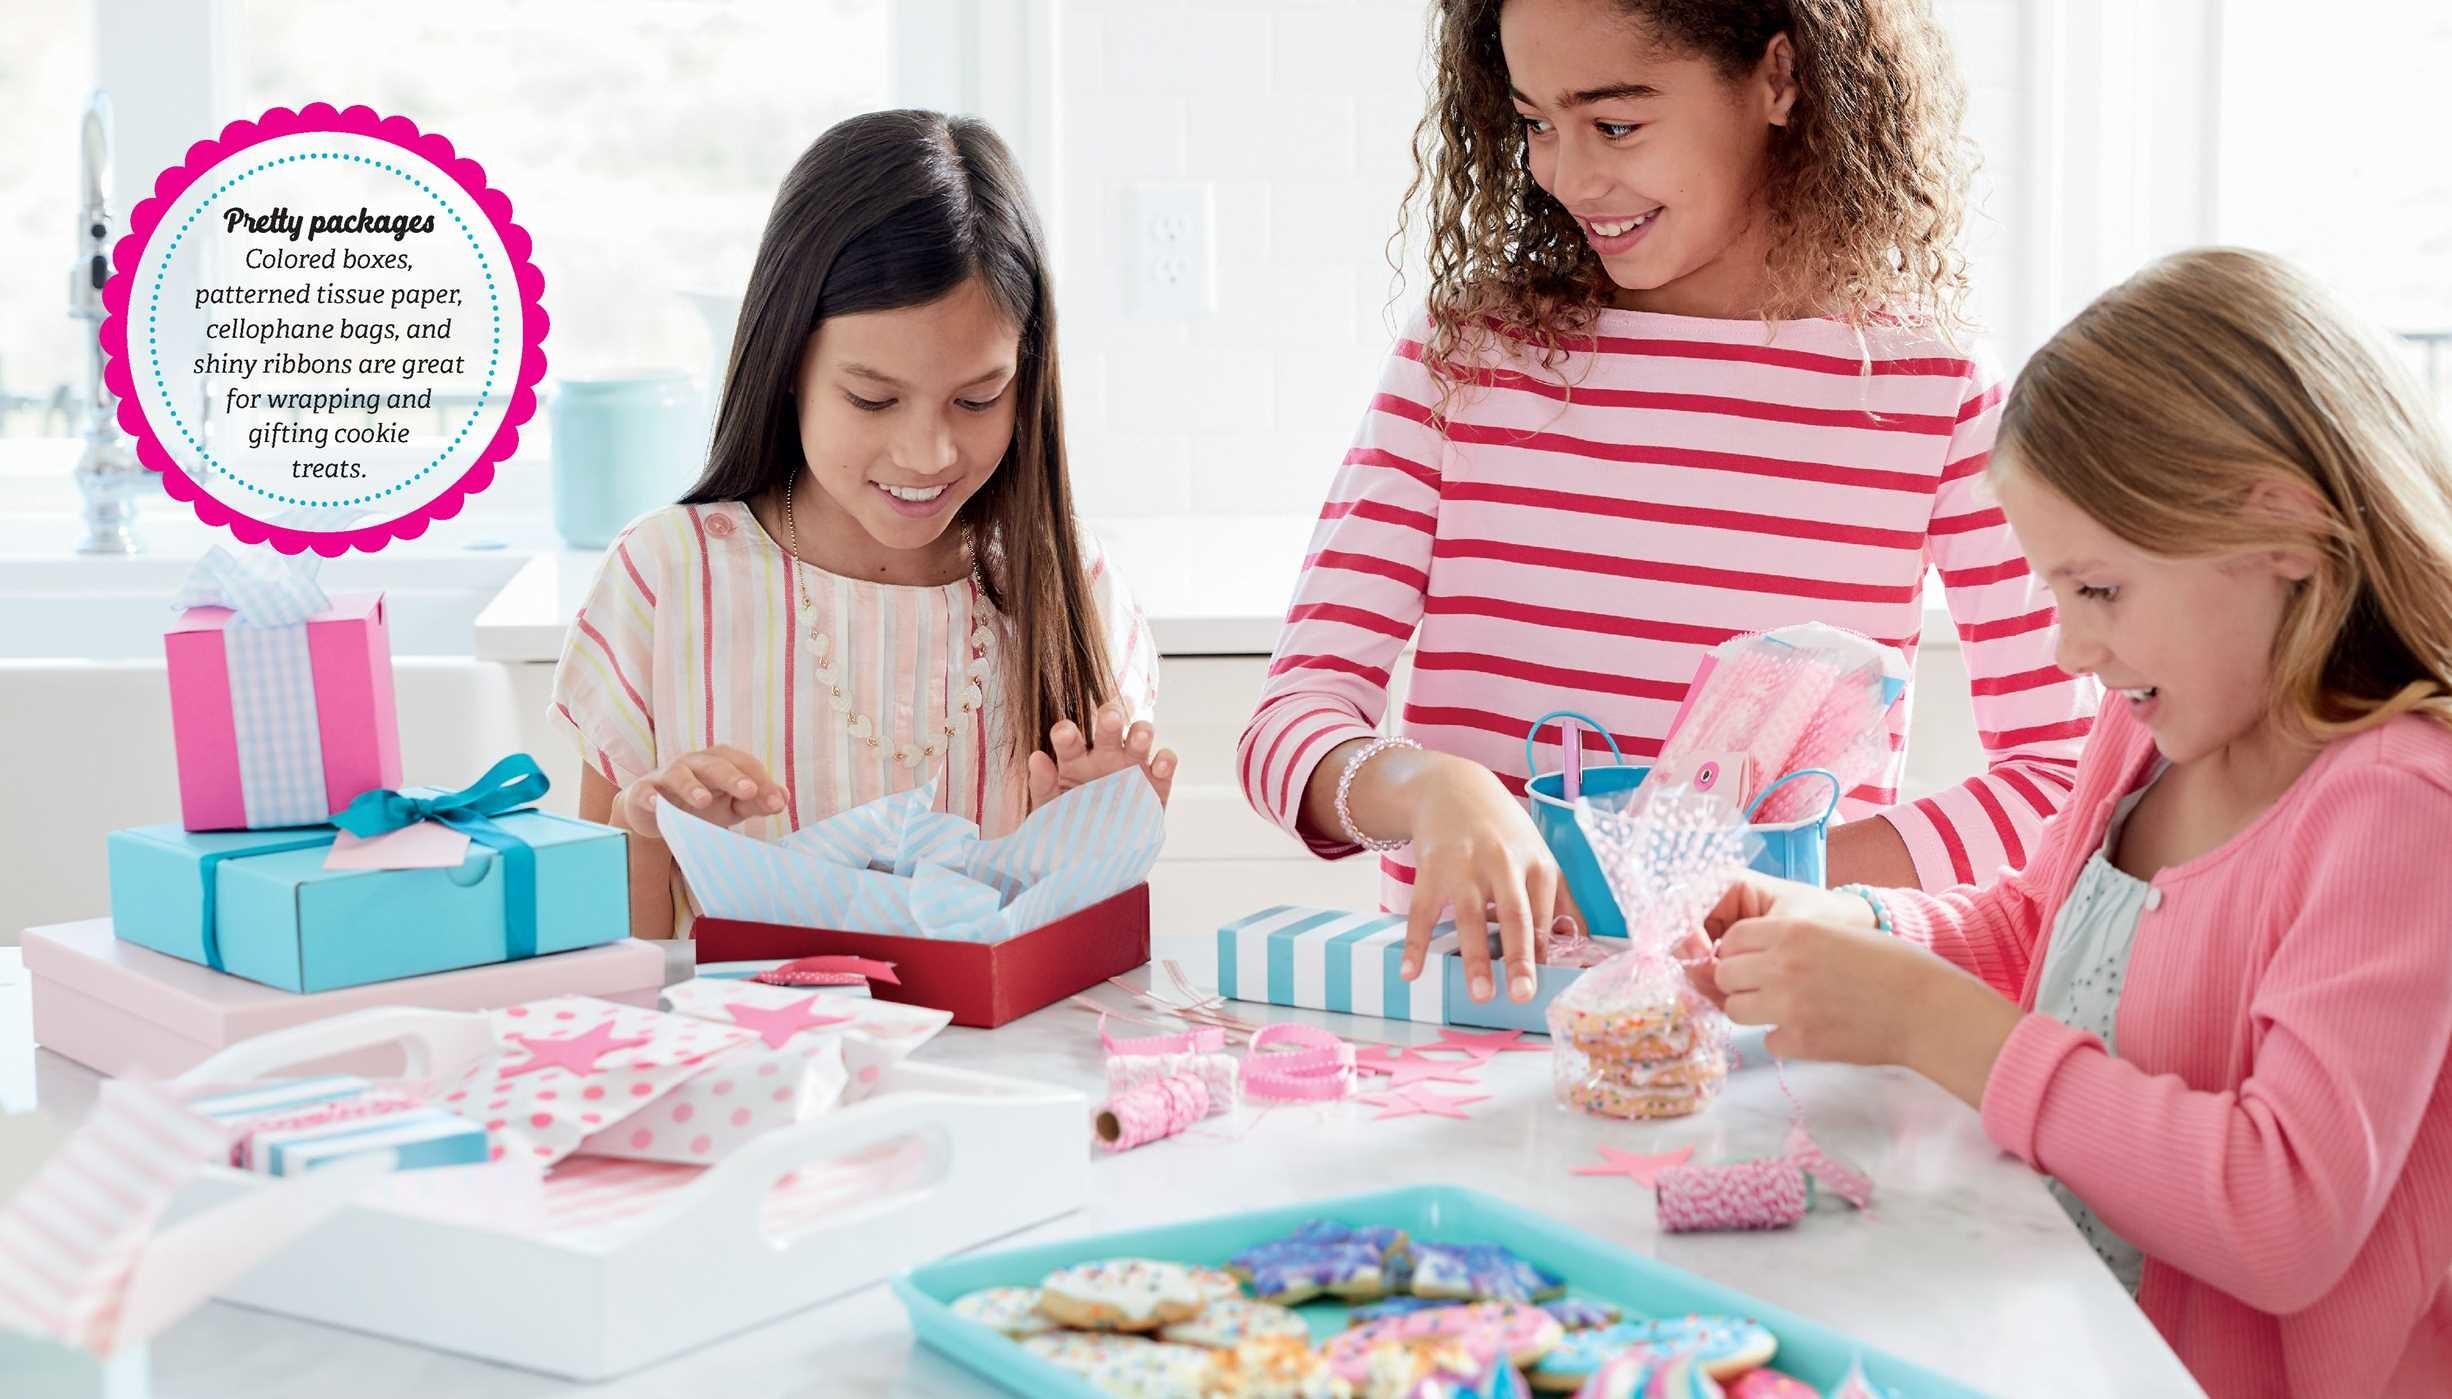 American girl cookies 9781681884424.in07